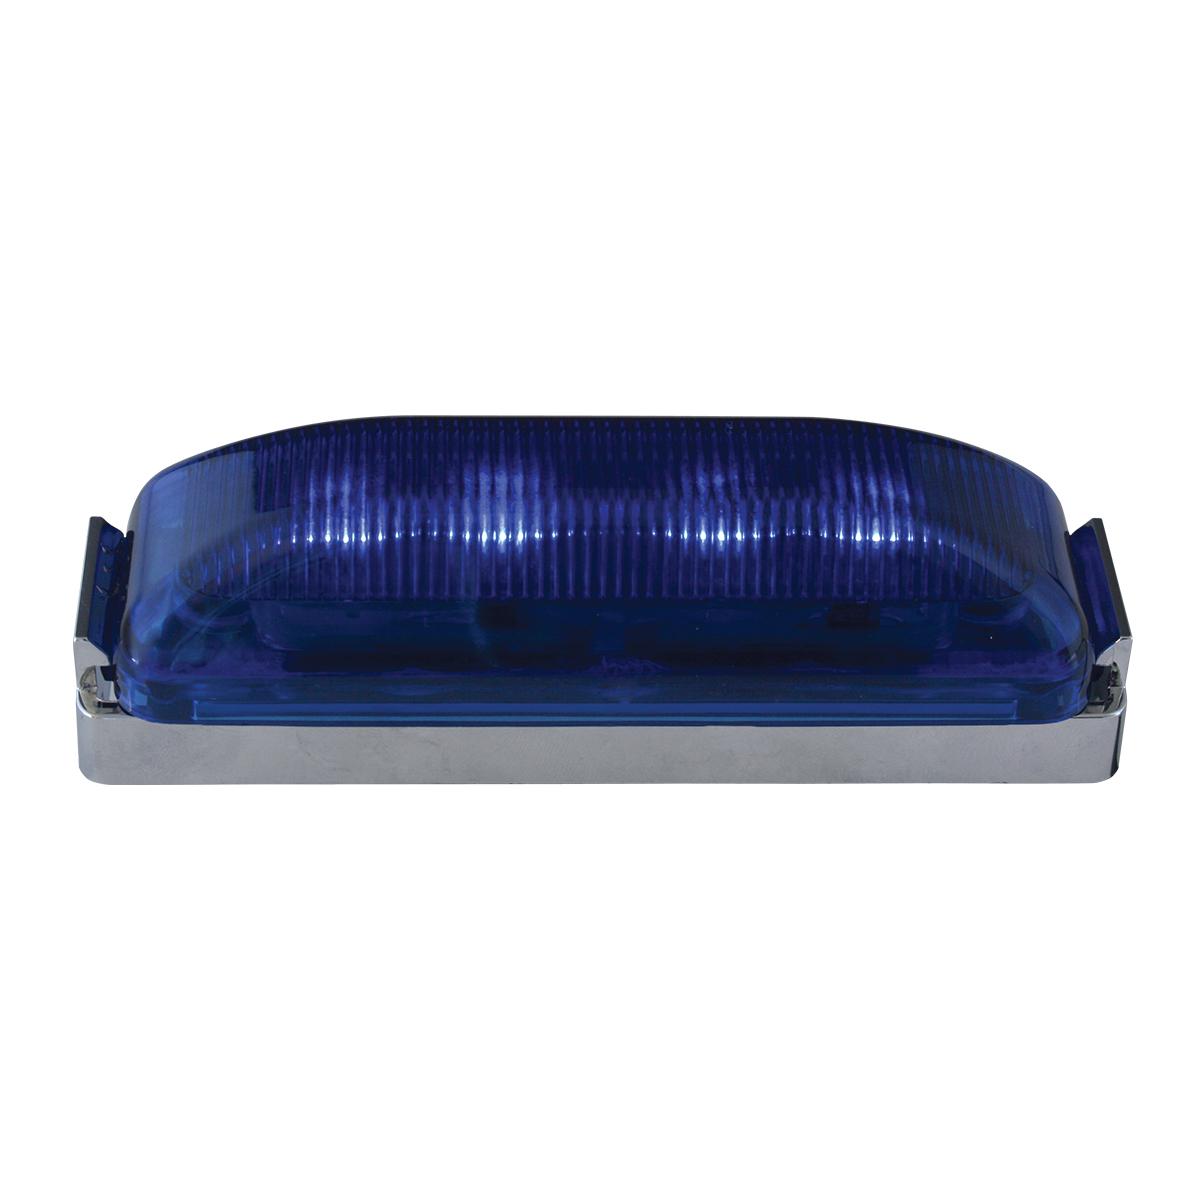 84453 Medium Rectangular LED Marker Light w/ Chrome Bracket